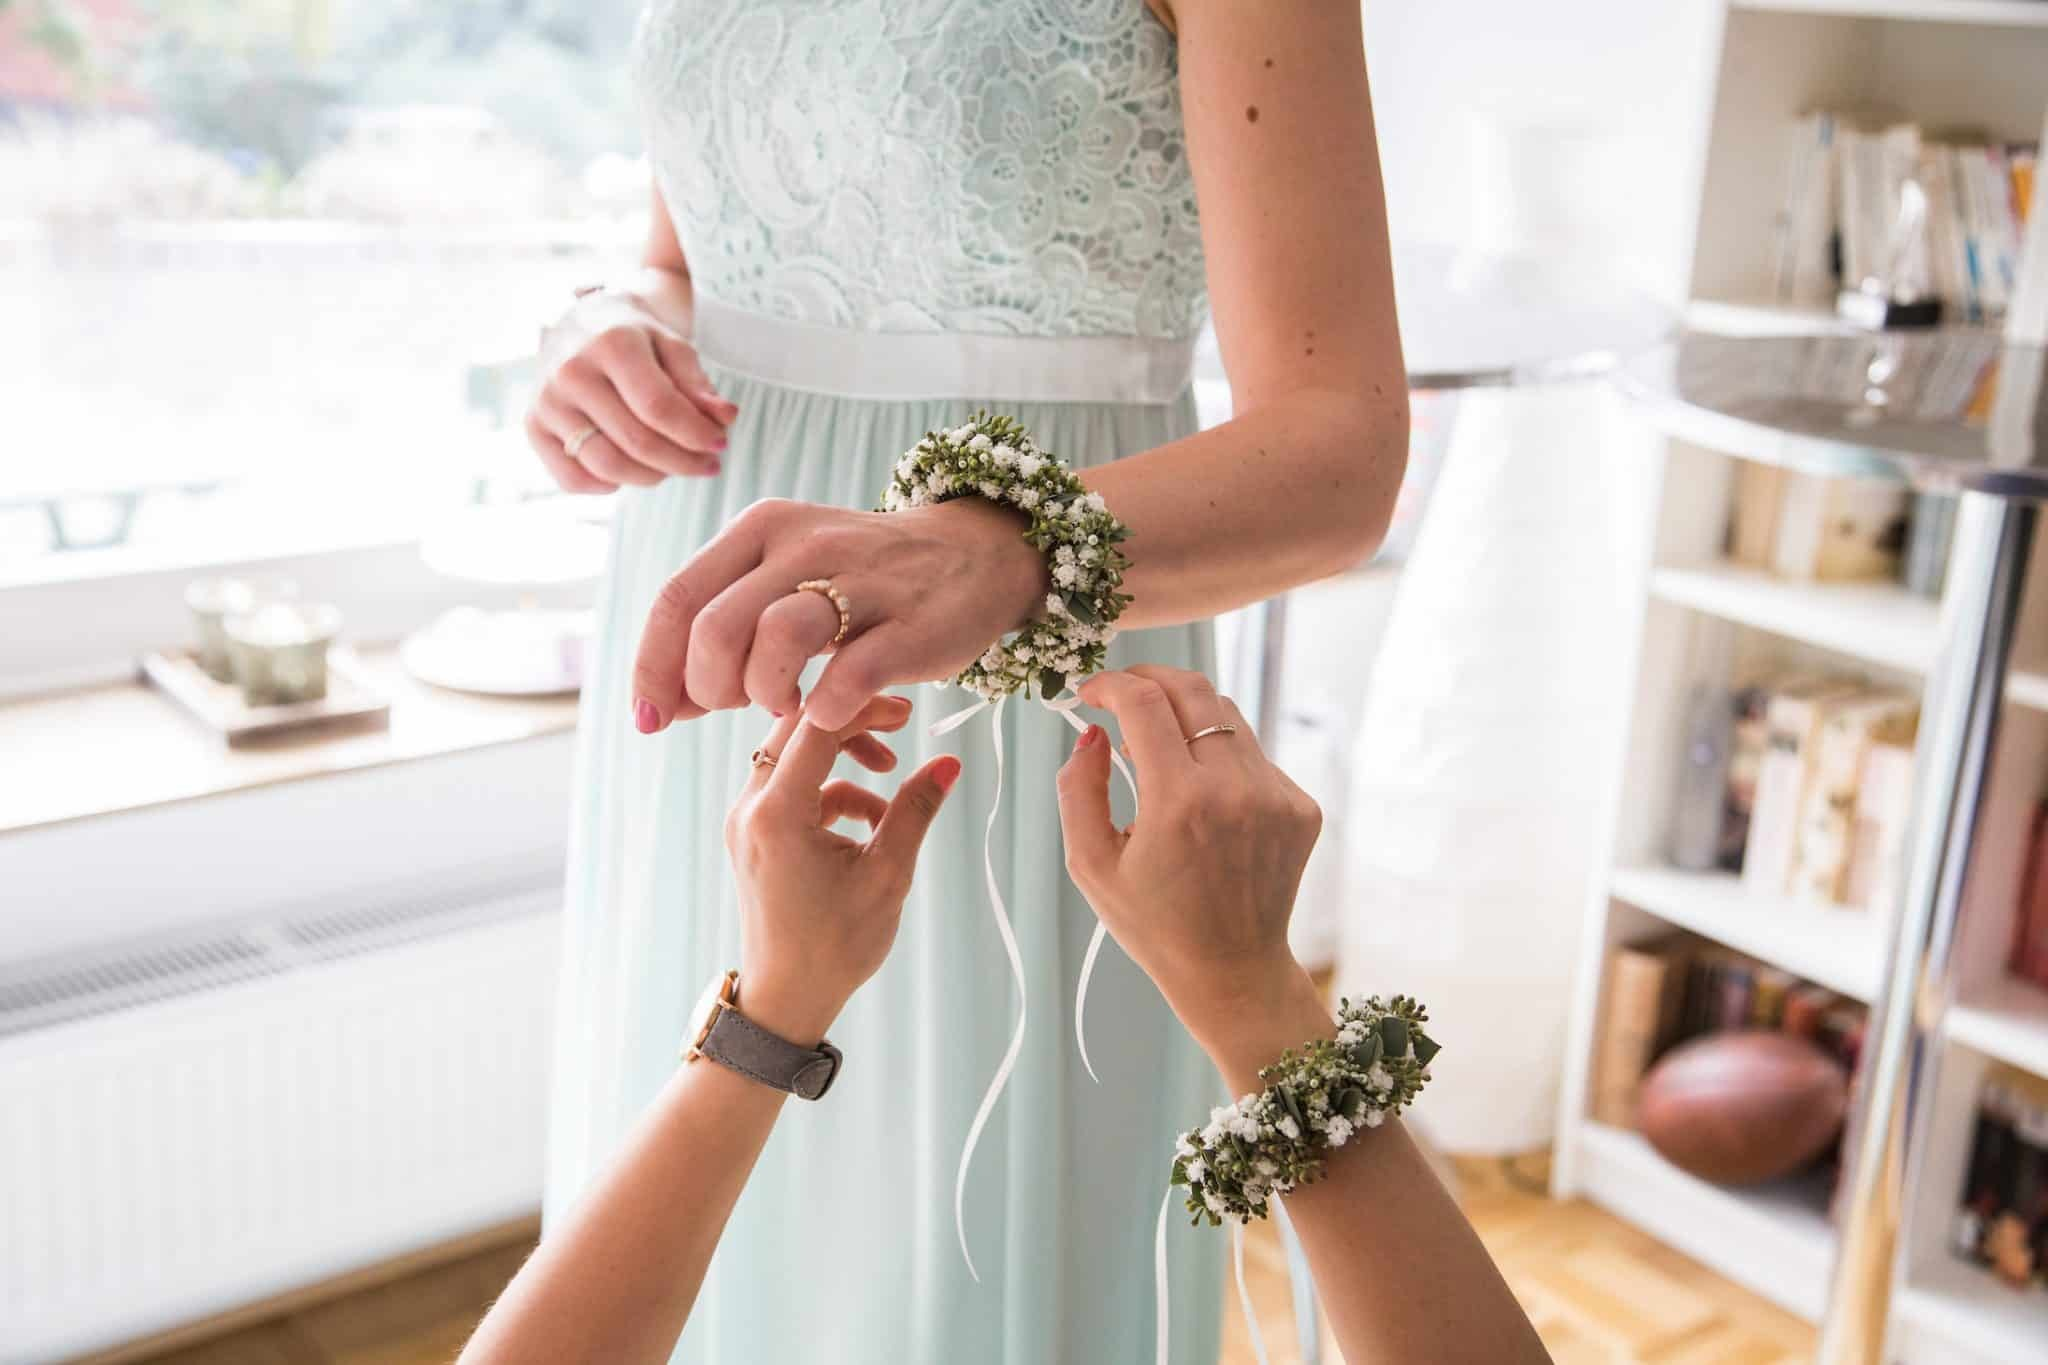 Hochzeit von Jennifer und Stefan in Münster: Blumenkranz wird um das Handgelenk gebunden